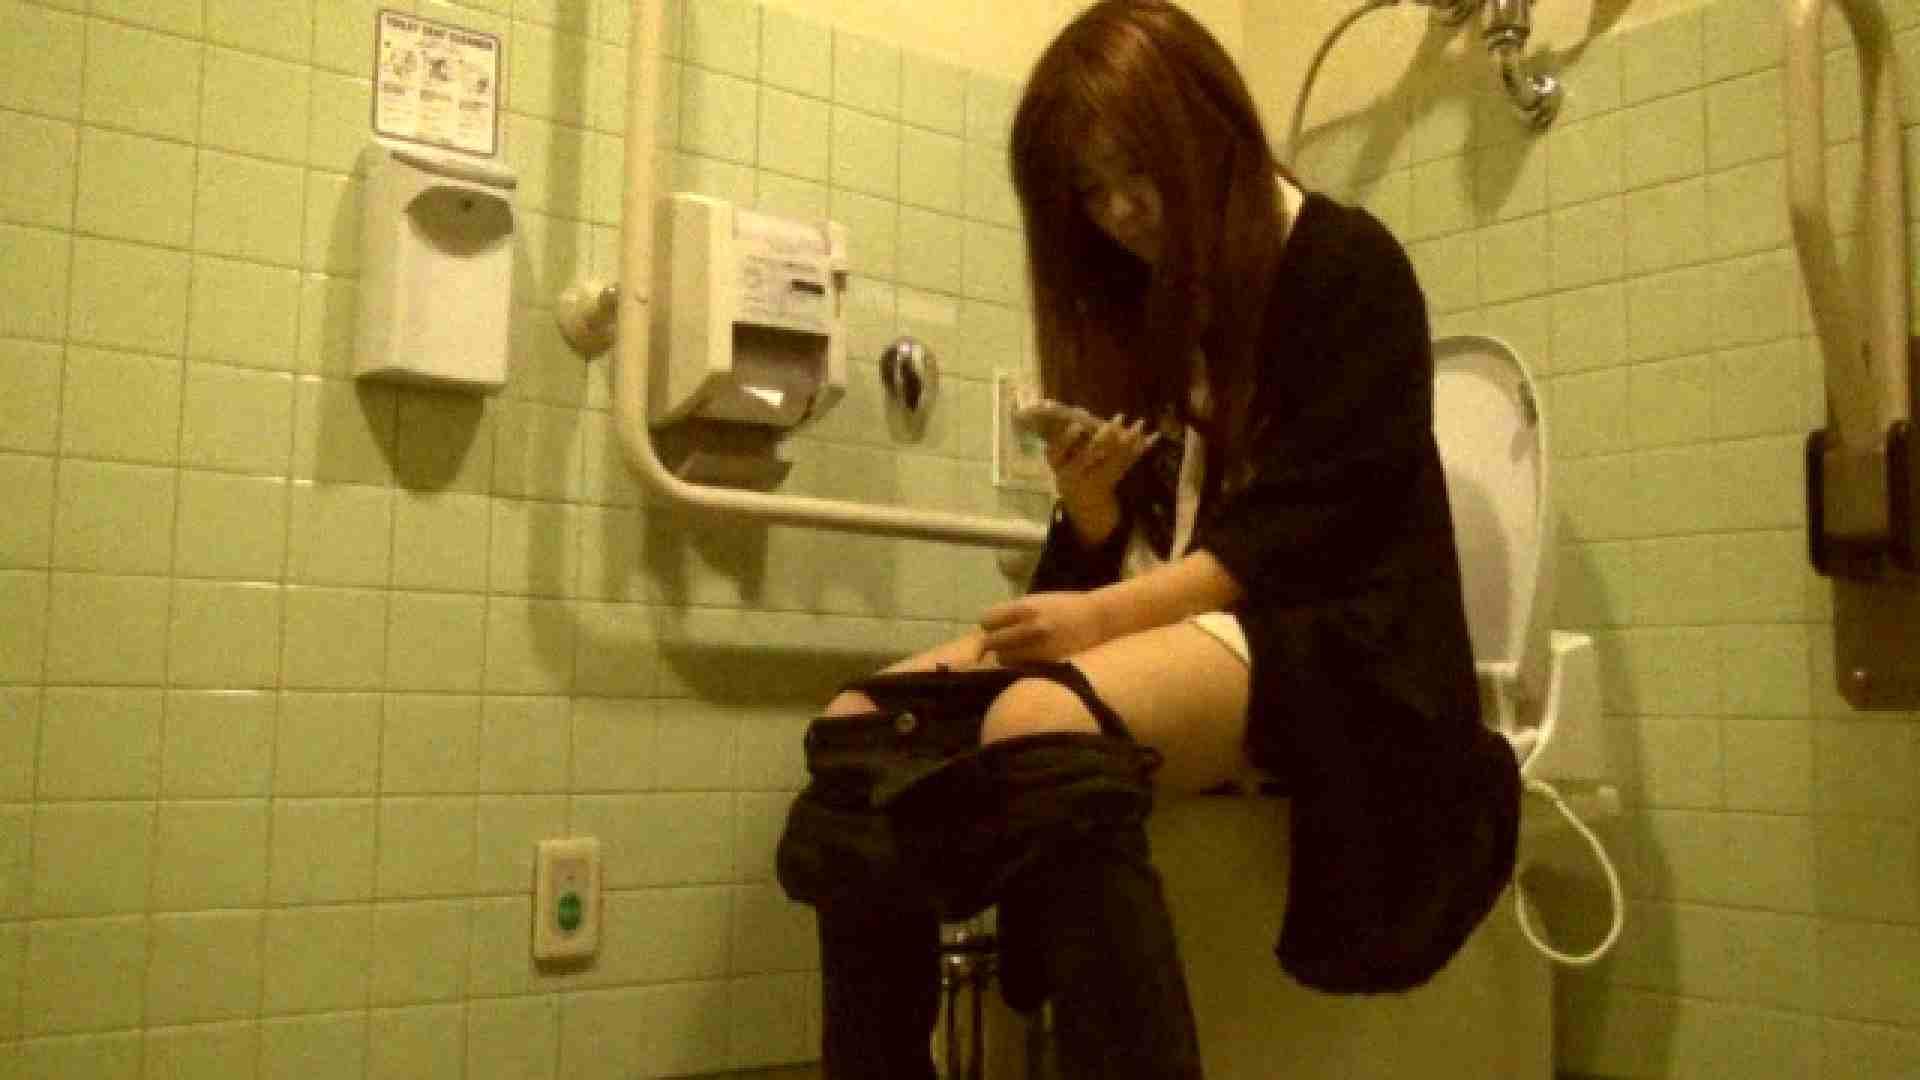 魔術師の お・も・て・な・し vol.26 19歳のバーの店員さんの洗面所をしばし… 洗面所  54連発 32